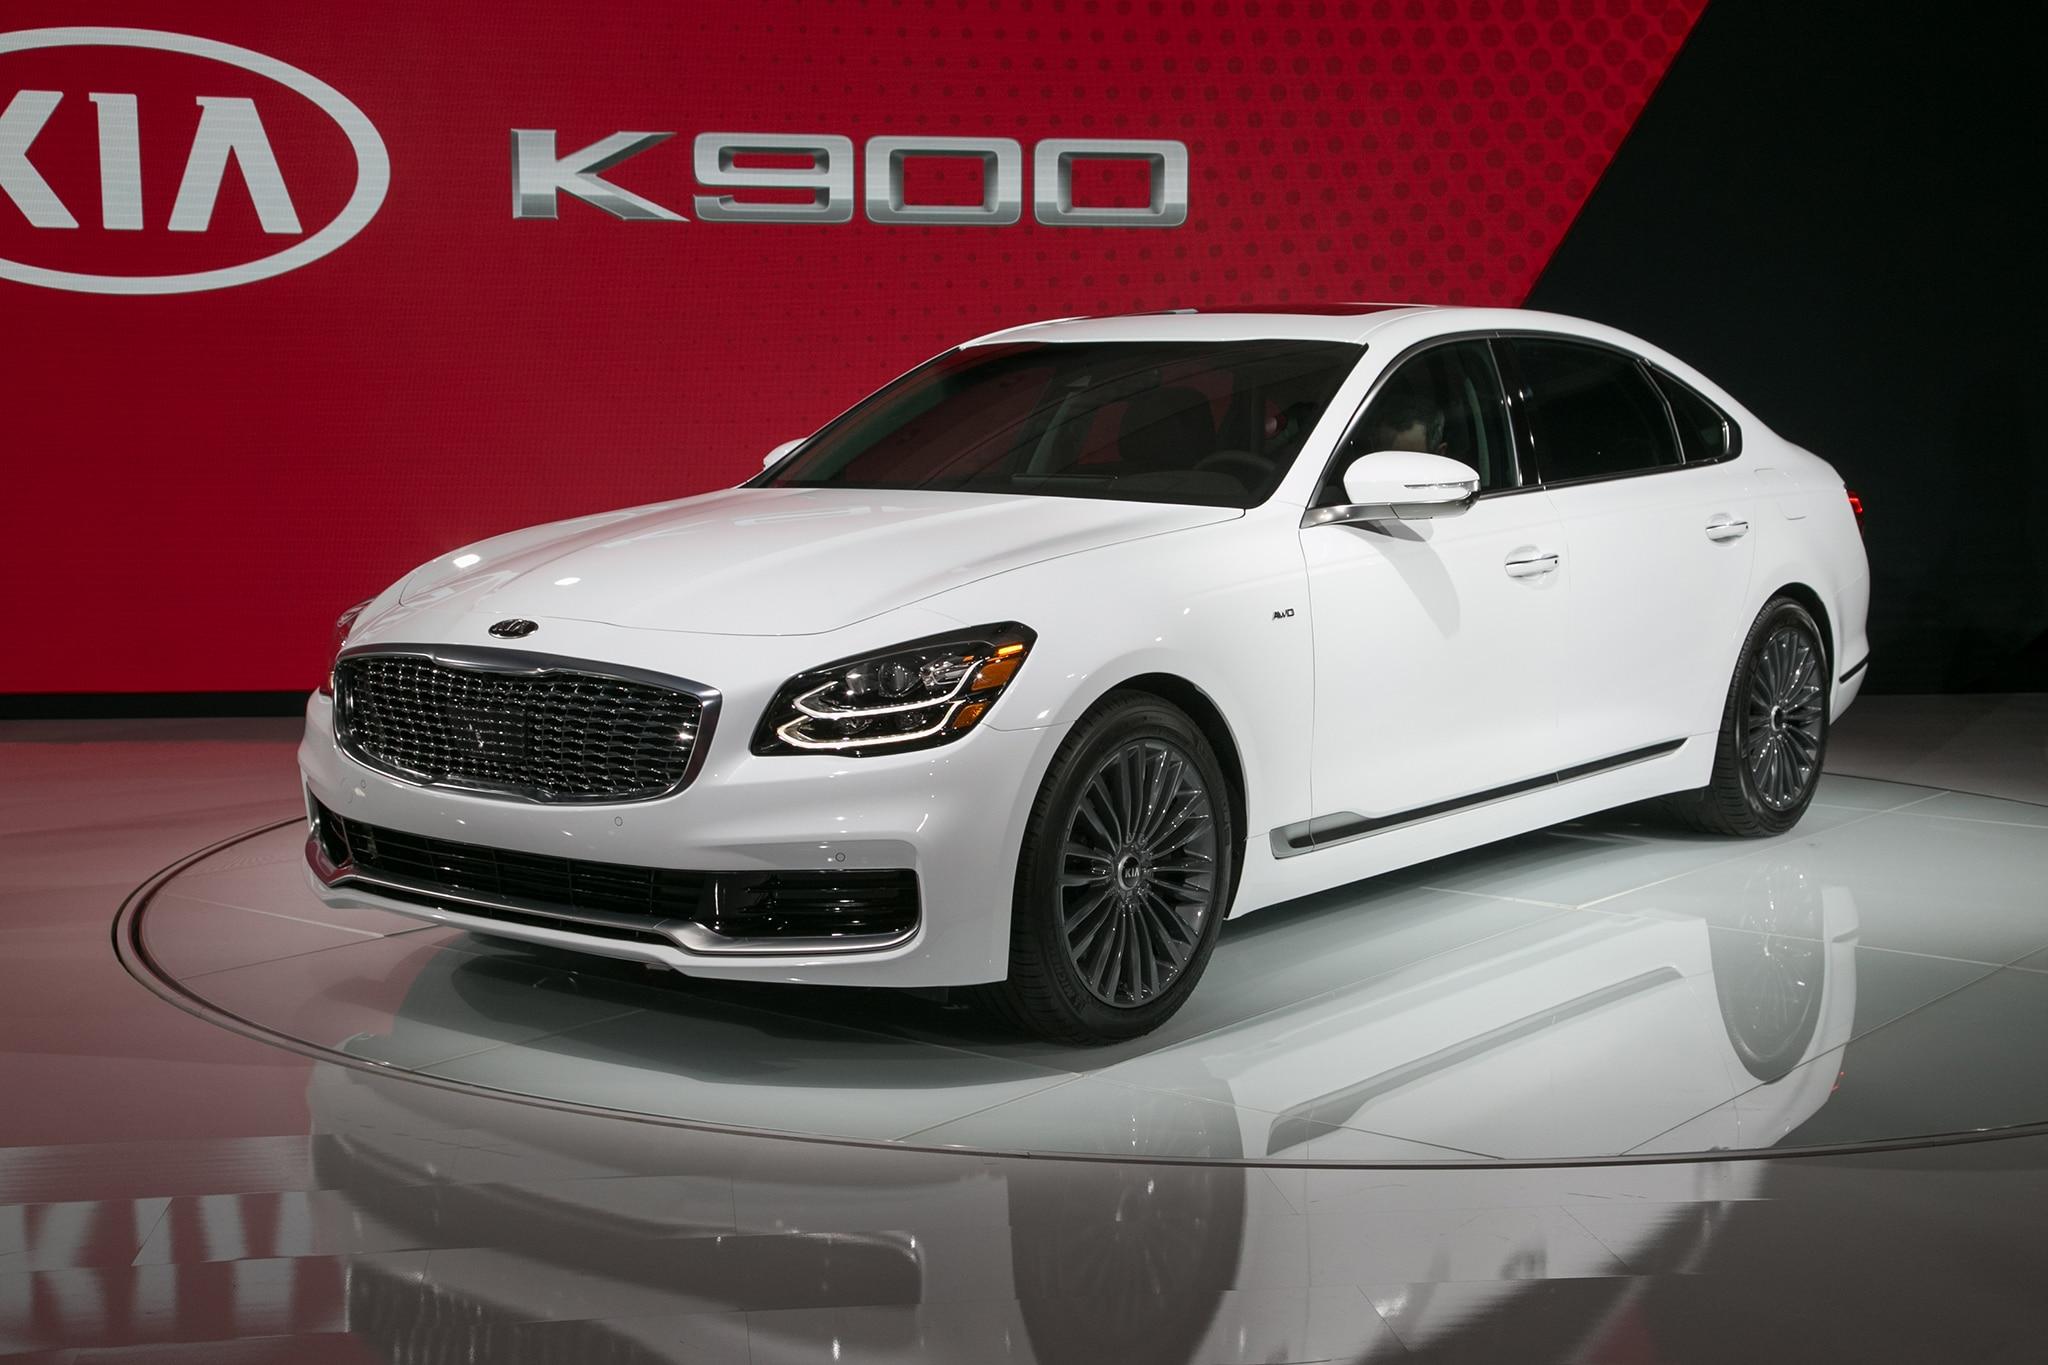 2019 Kia K900 03